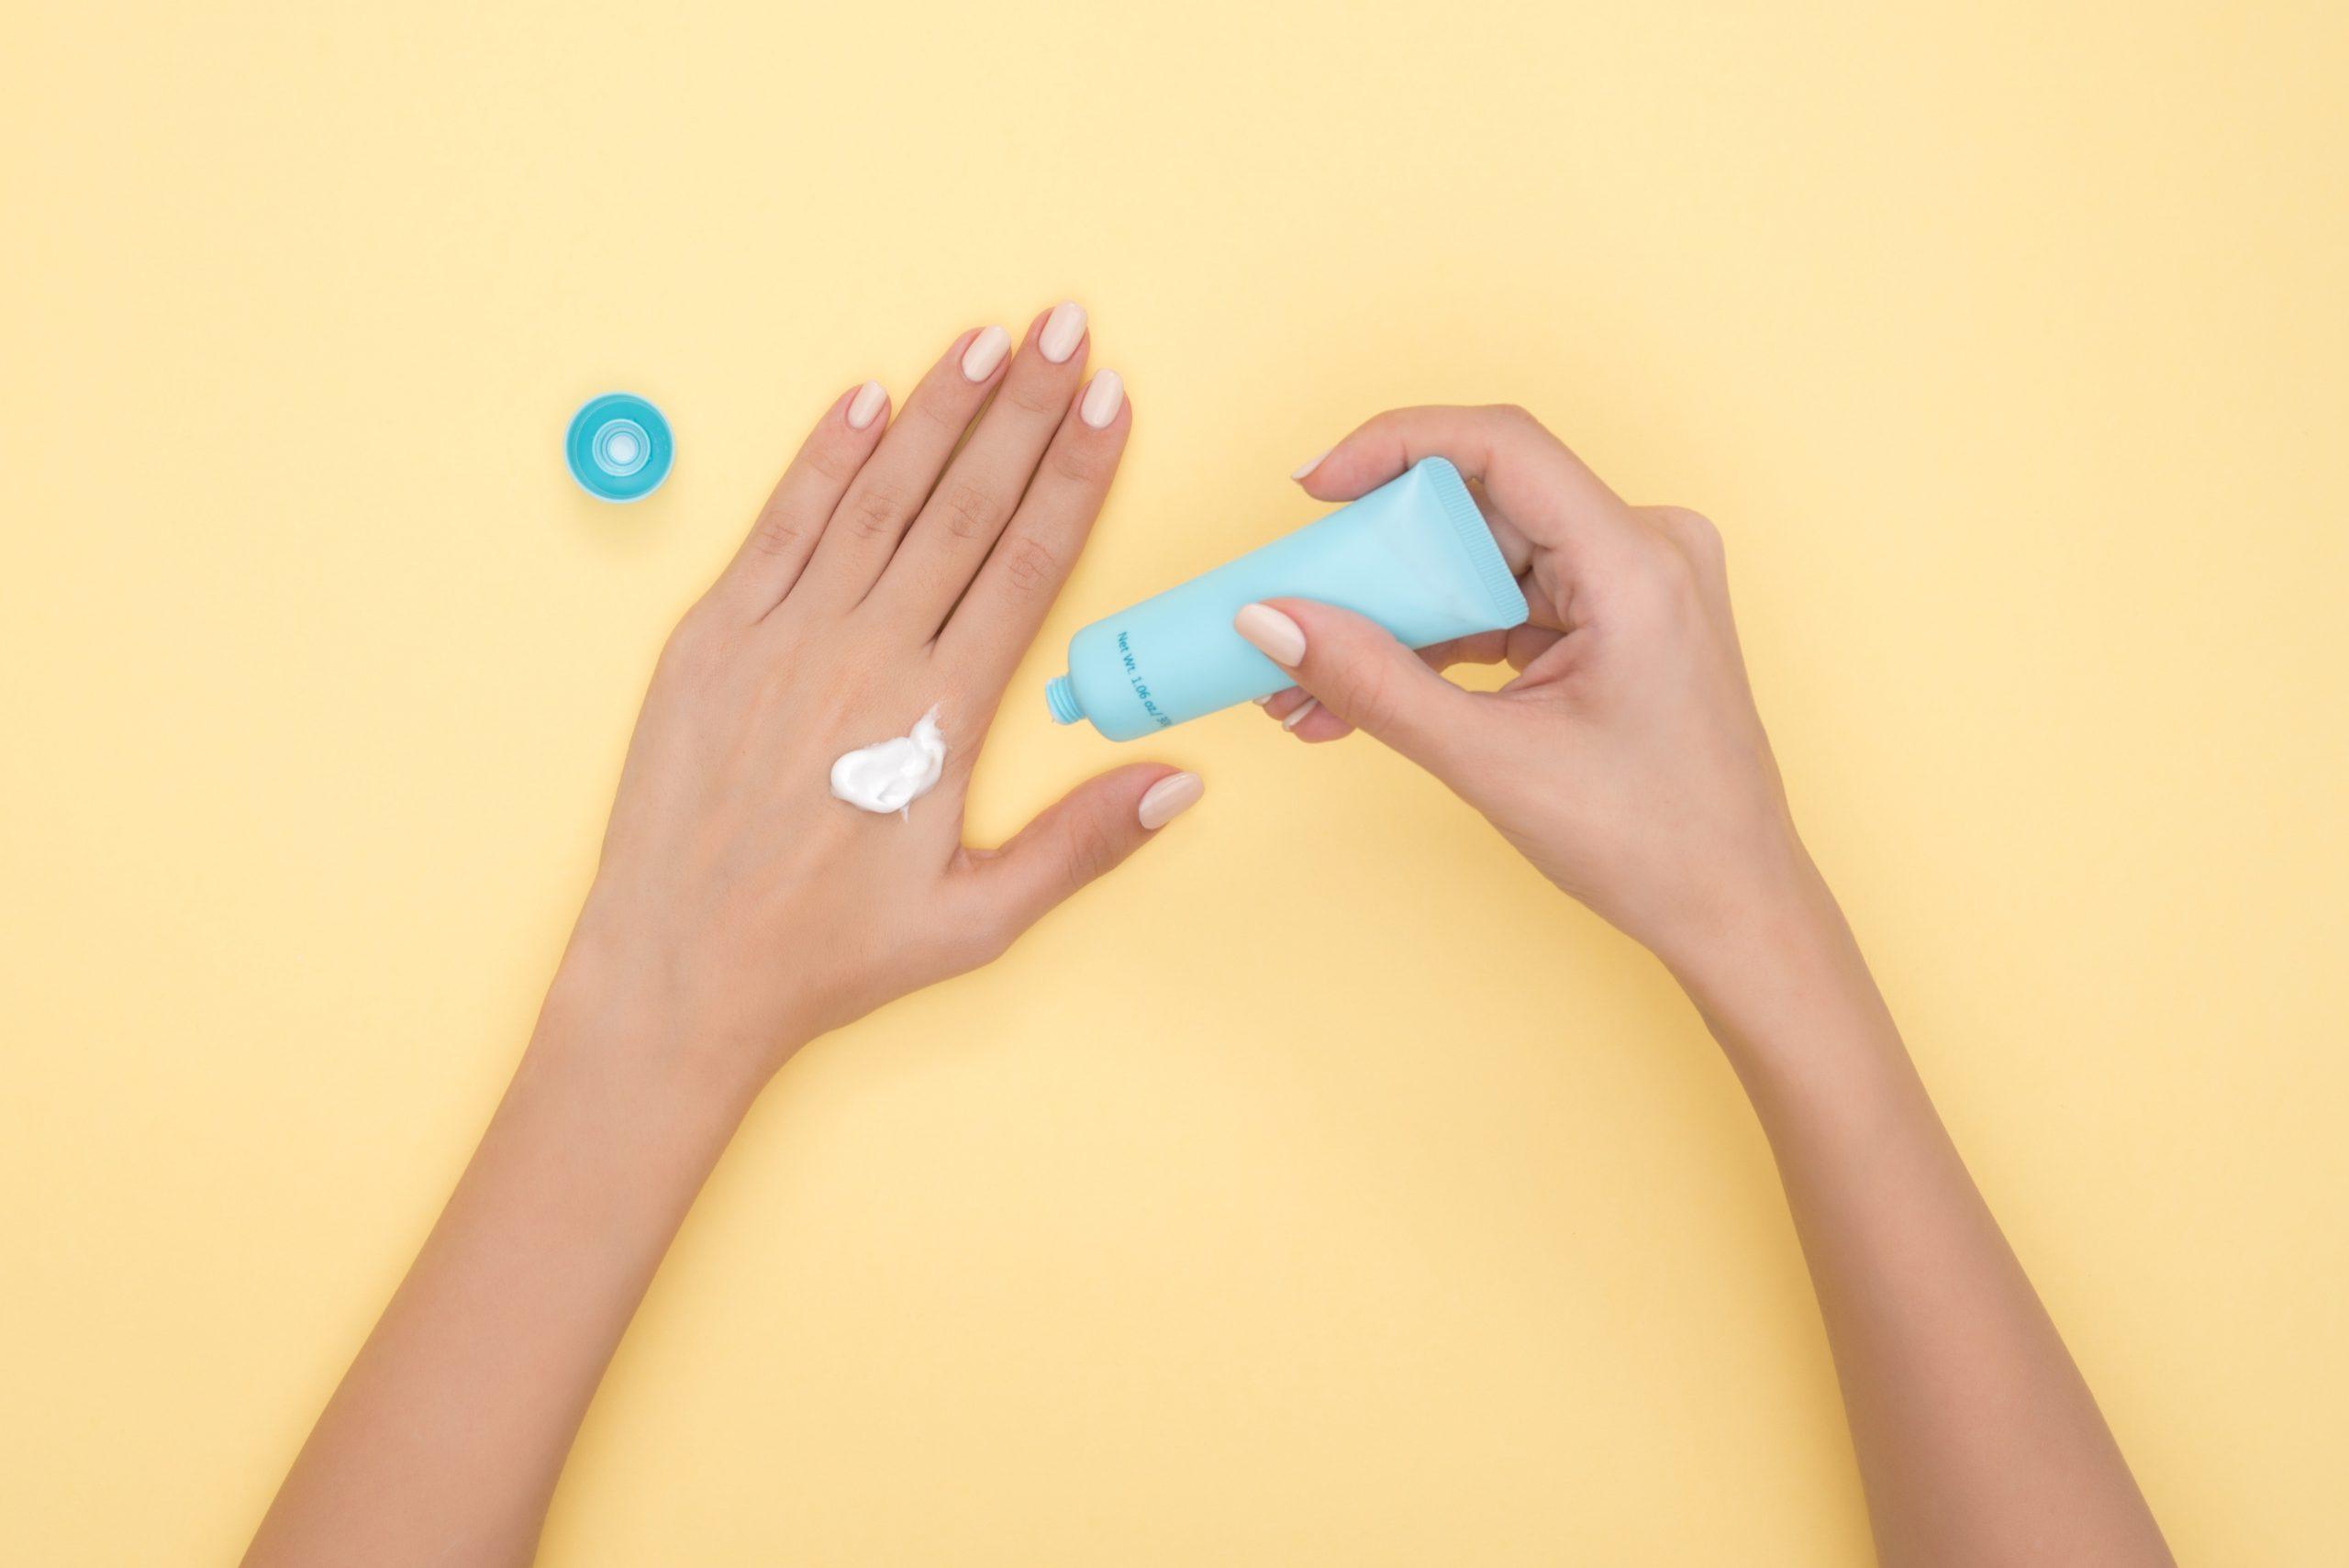 علاج جفاف وتشقق اليدين في الشتاء بالطرق الطبيعية وافضل الكريمات المرطبة